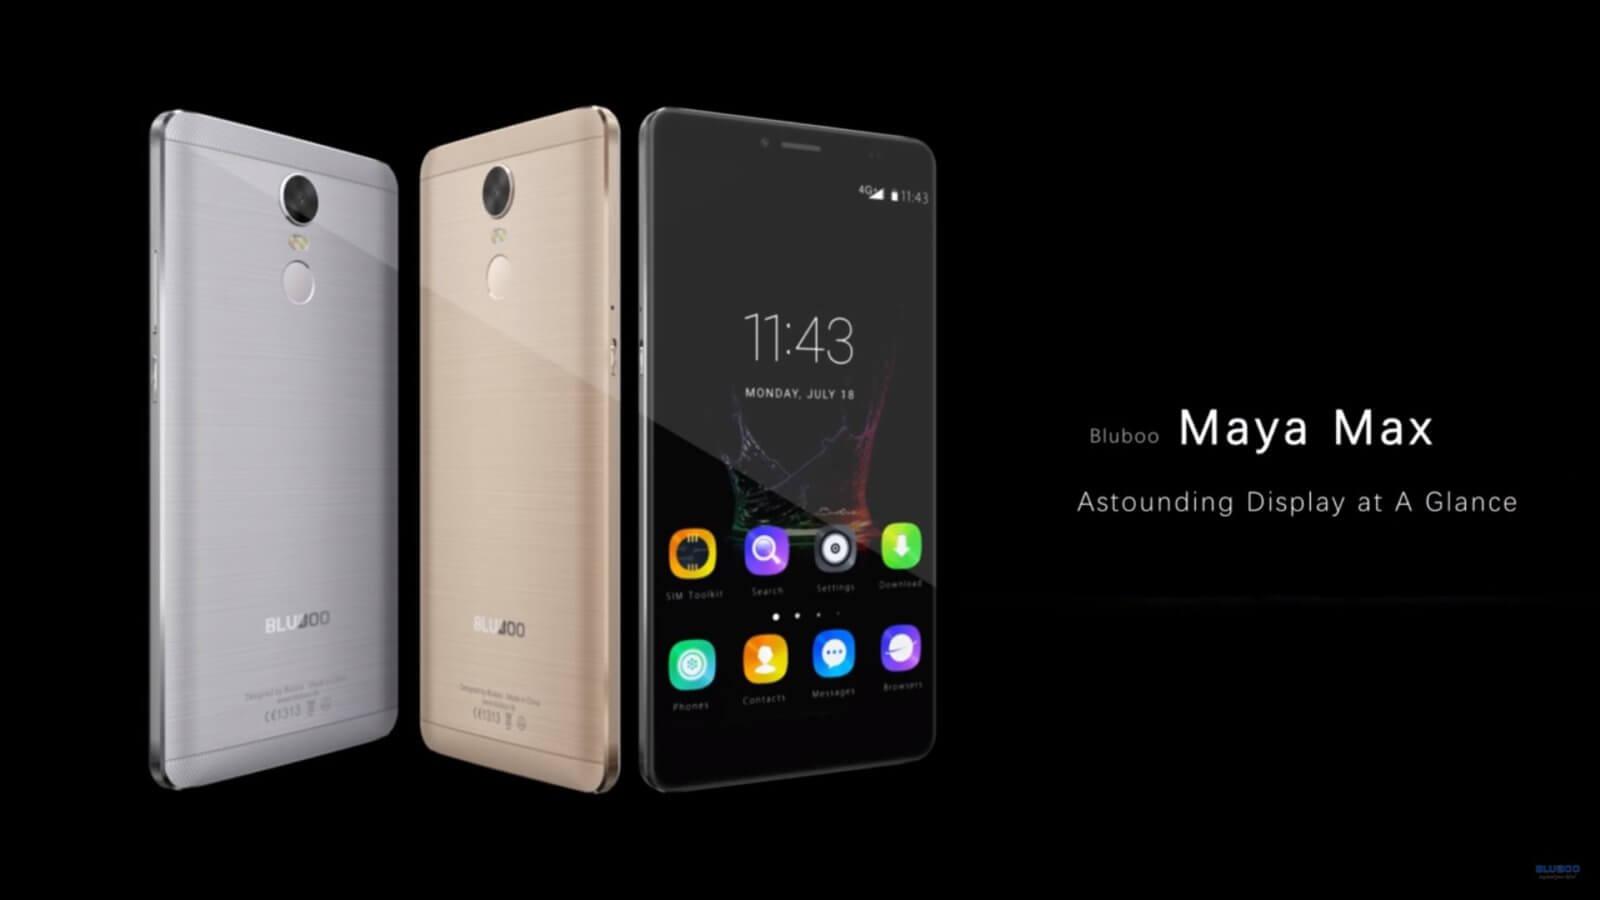 Promozione Smartphone BLUBOO Maya Max 4G su TomTop! Non perdetevela